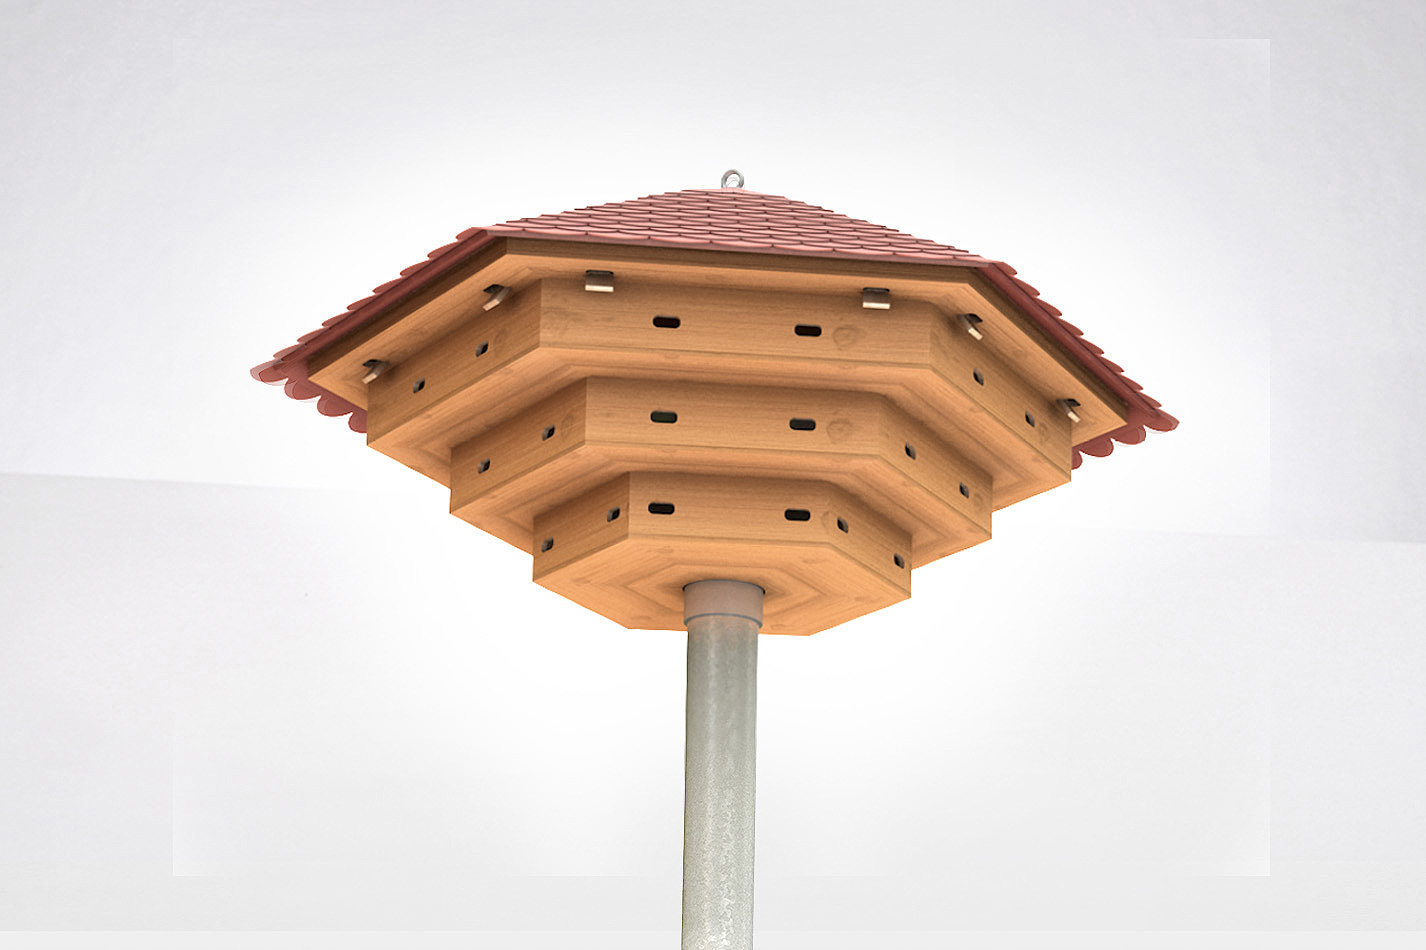 Ein dreistöckiges Mauerseglerhaus aus Holz auf einem Stahlmast